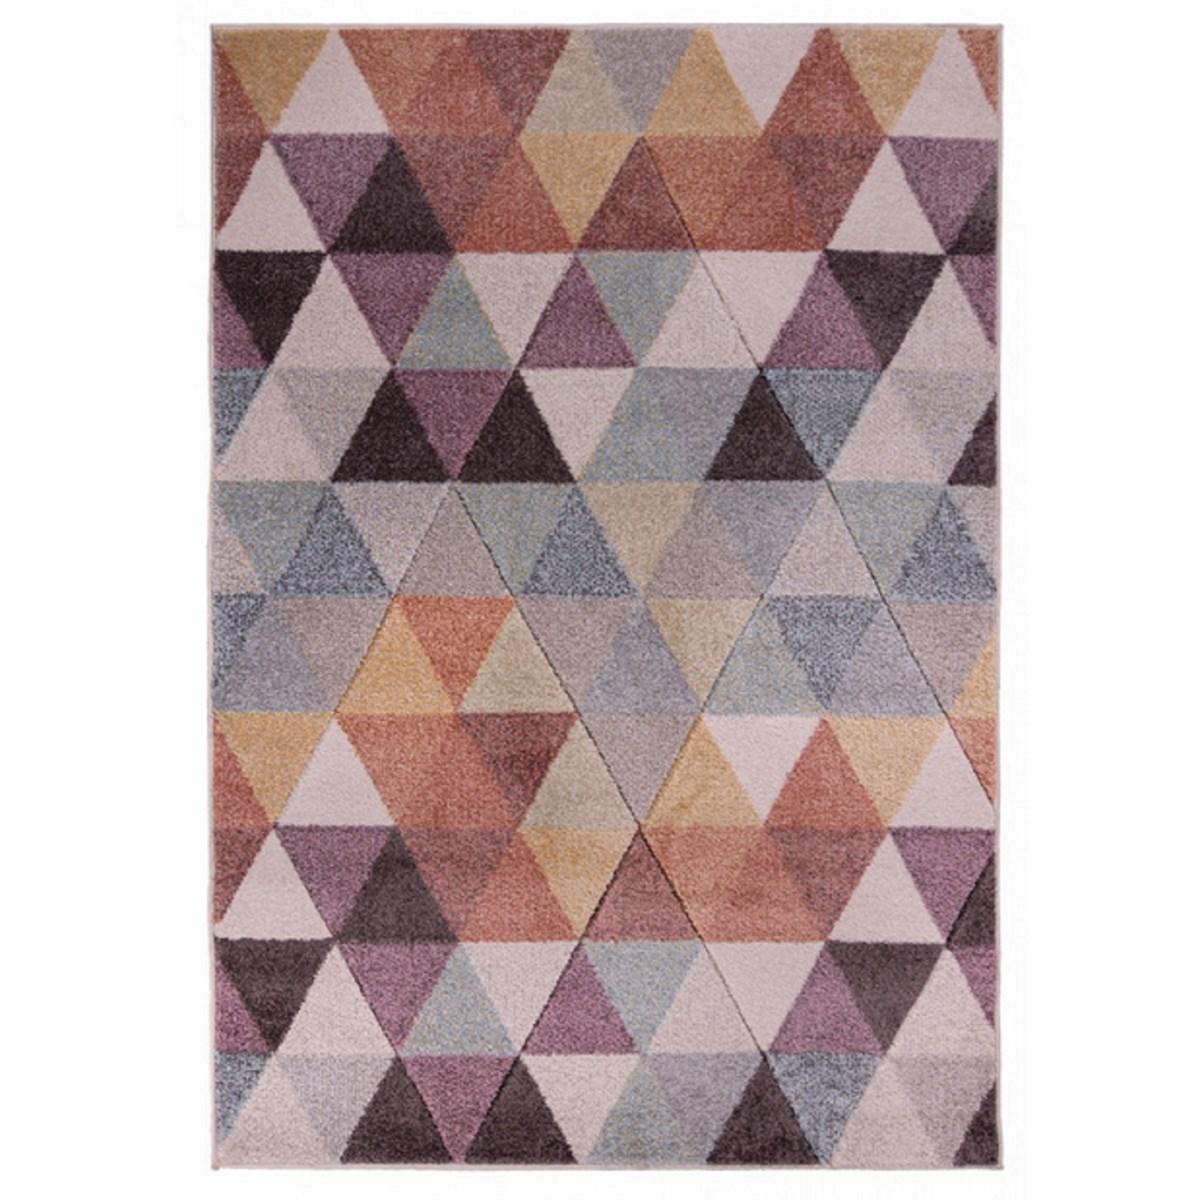 Tapis de salon en Polypropylène Multicolore 120x170 cm